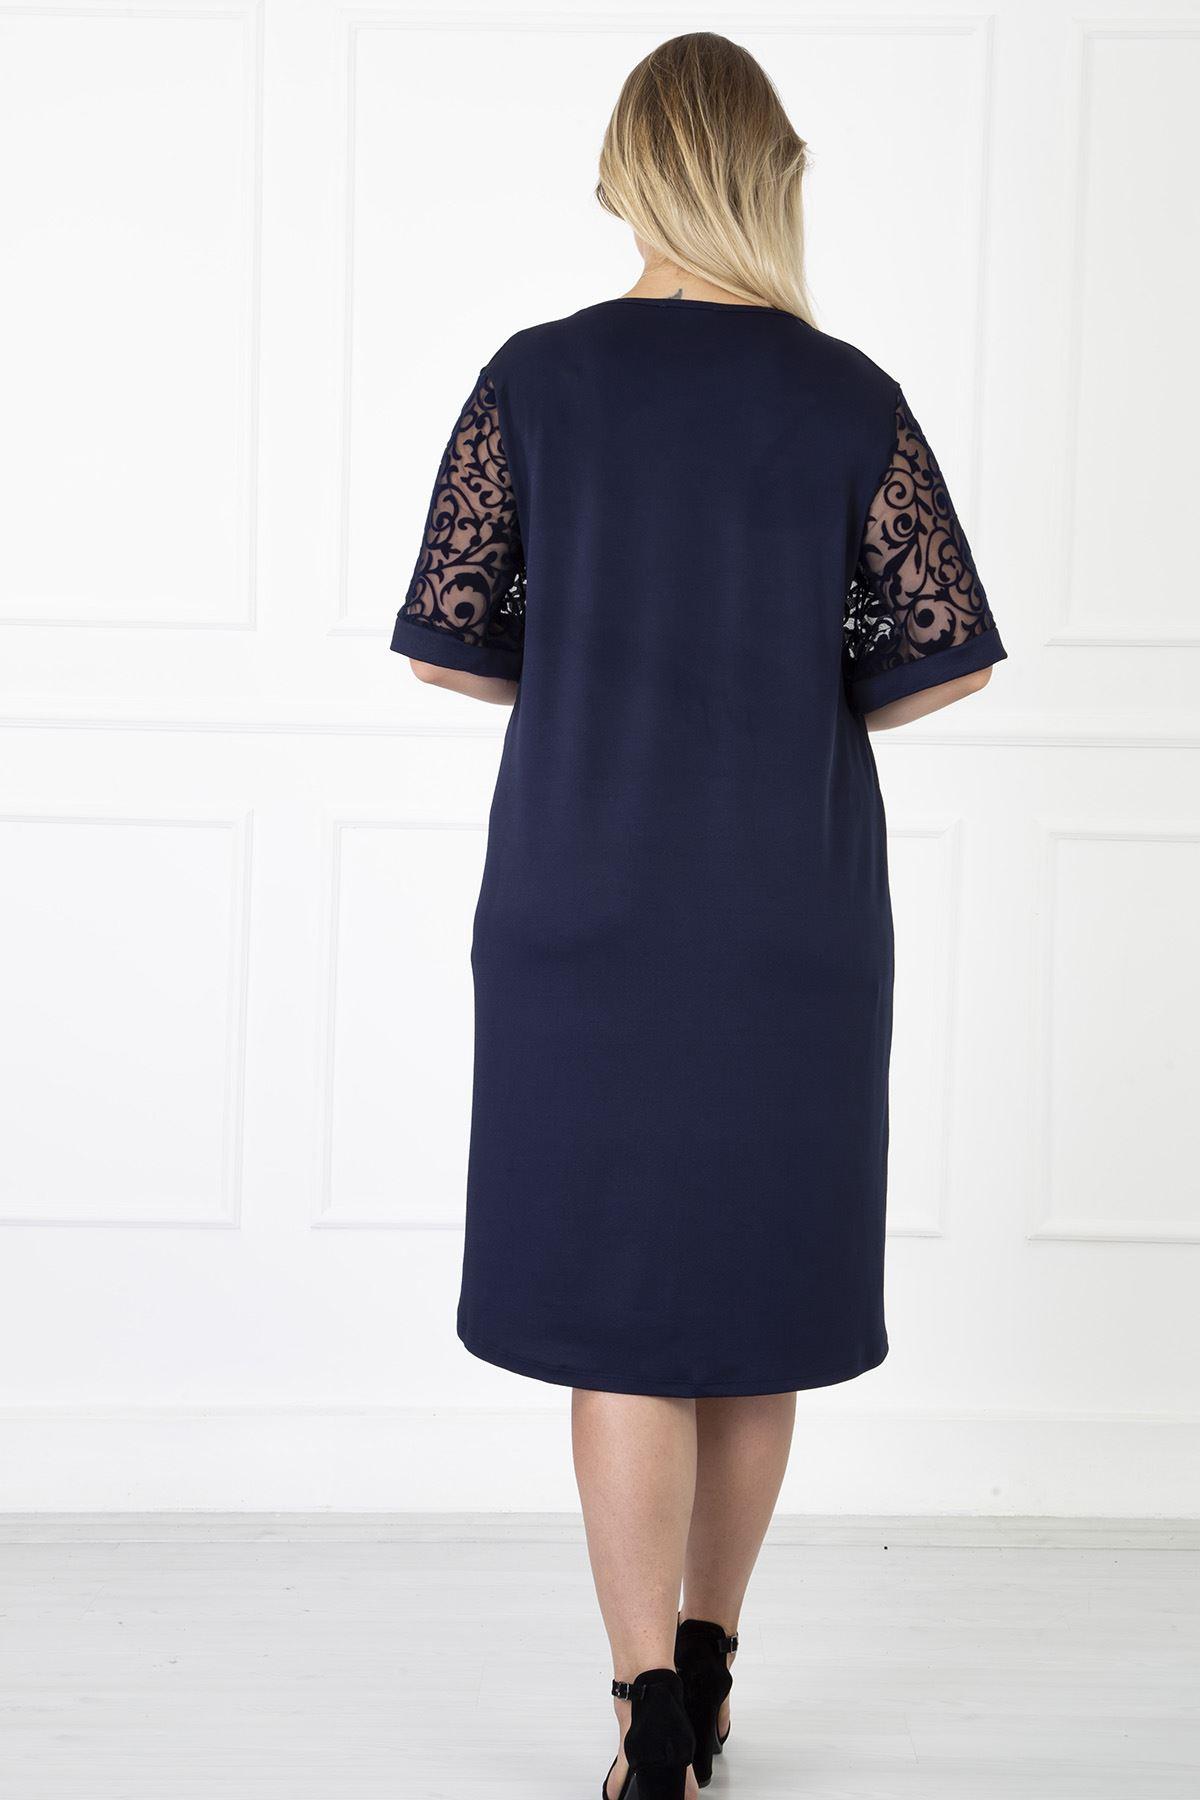 Kimono Kol Lacivert Büyük Beden Elbise 31B-1182